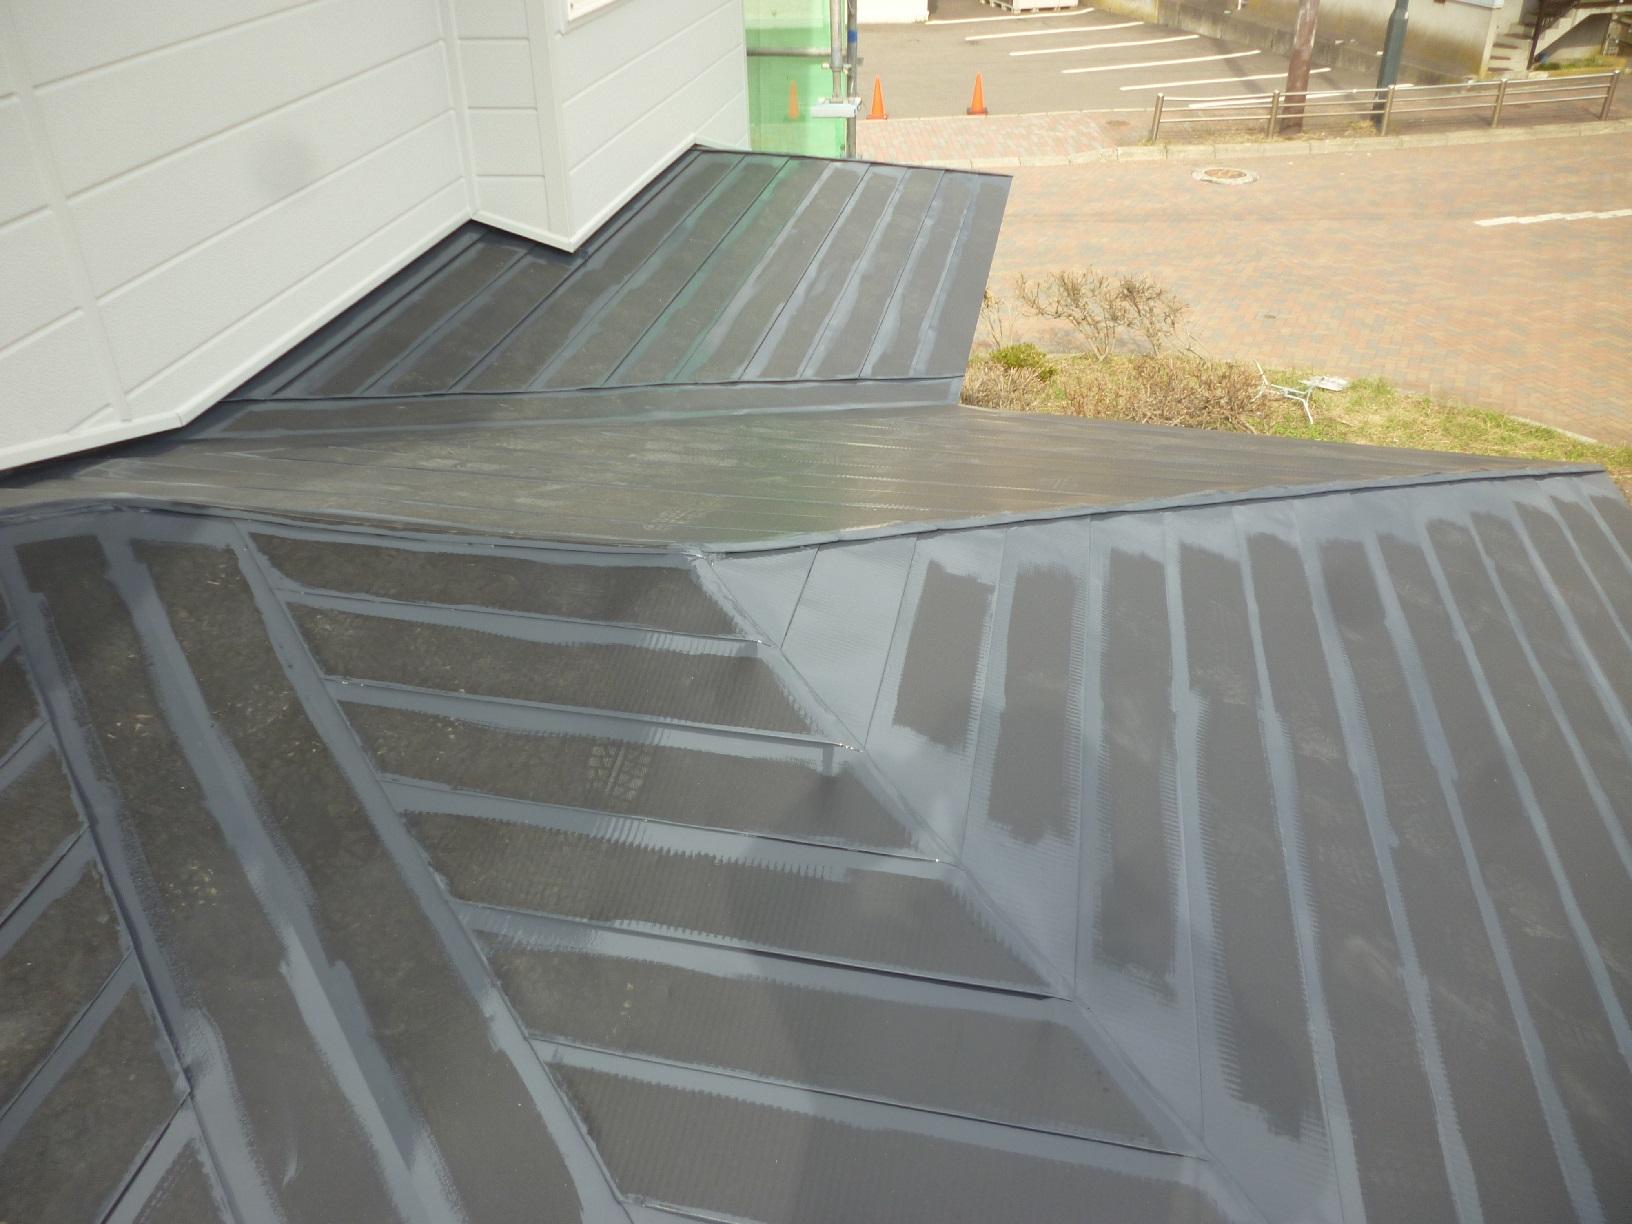 米町モンクール 屋根 上塗16